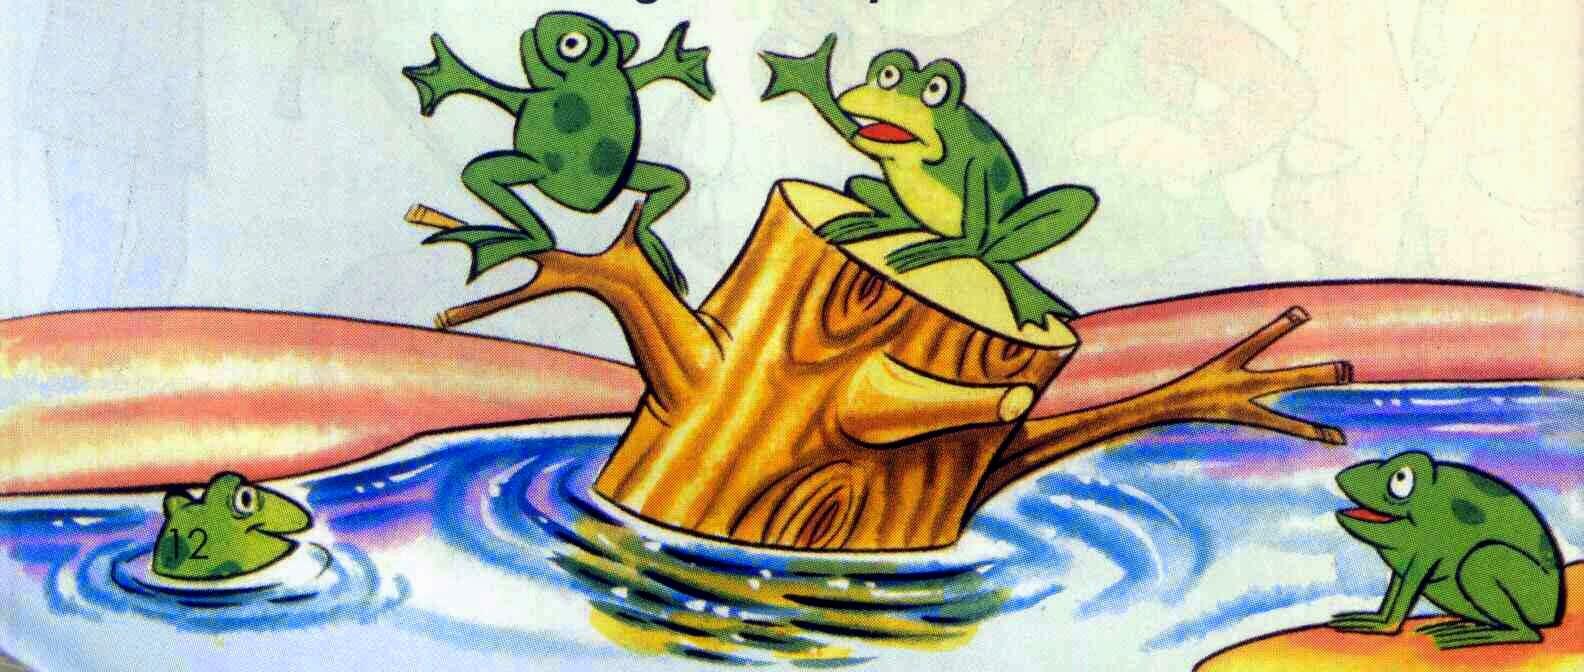 fabula para niños las ranas pidiendo rey